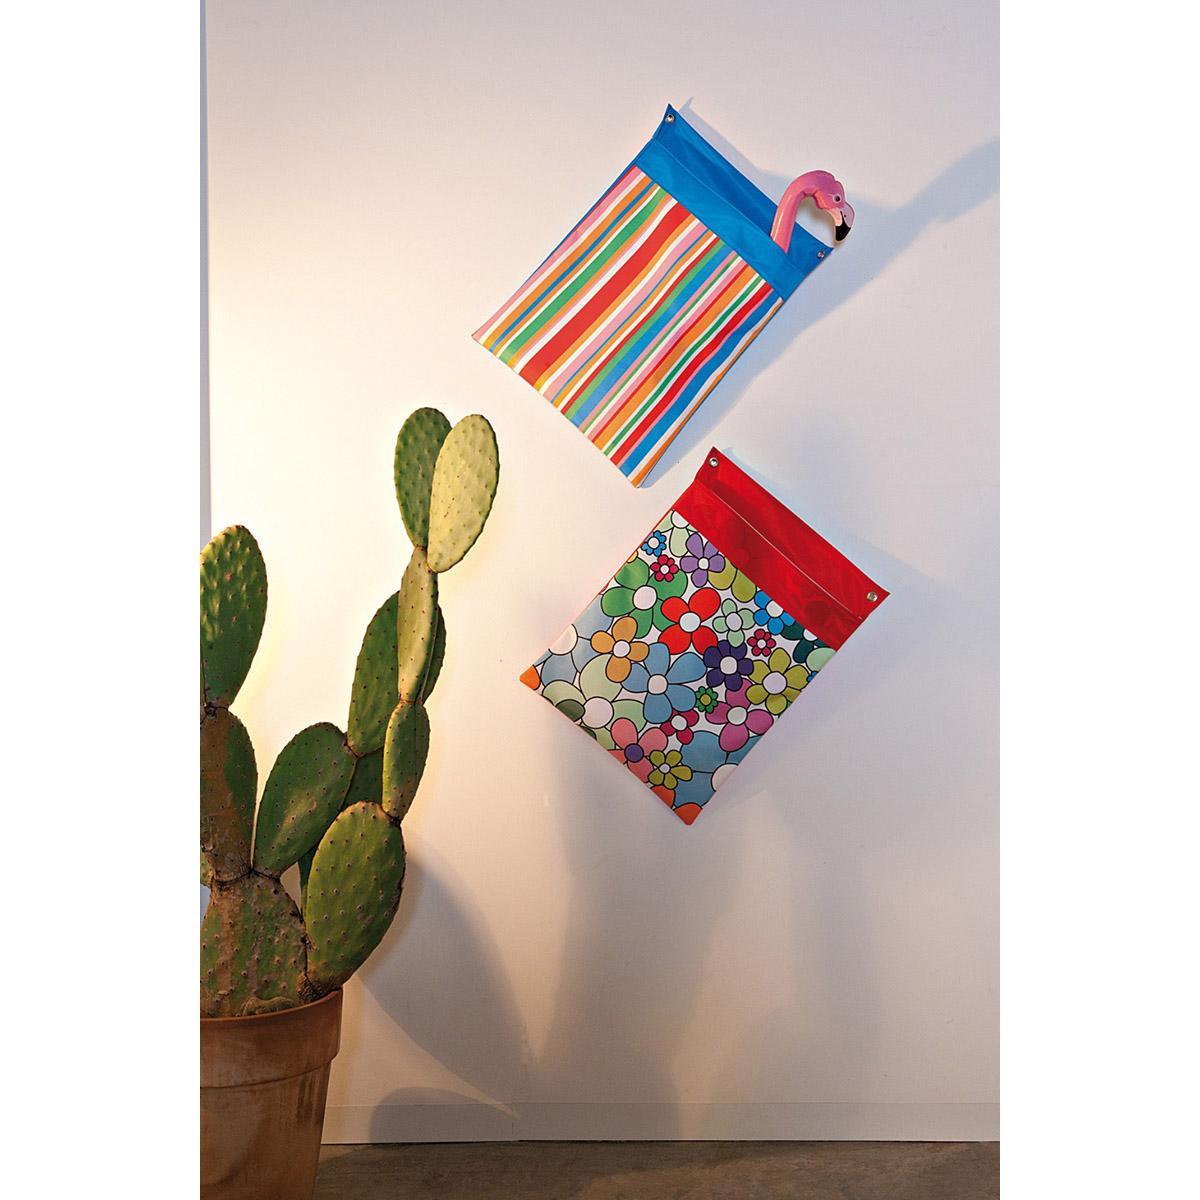 Portaoggetti da parete in pvc con stampa digitale con pattern a righe colorate e floreale